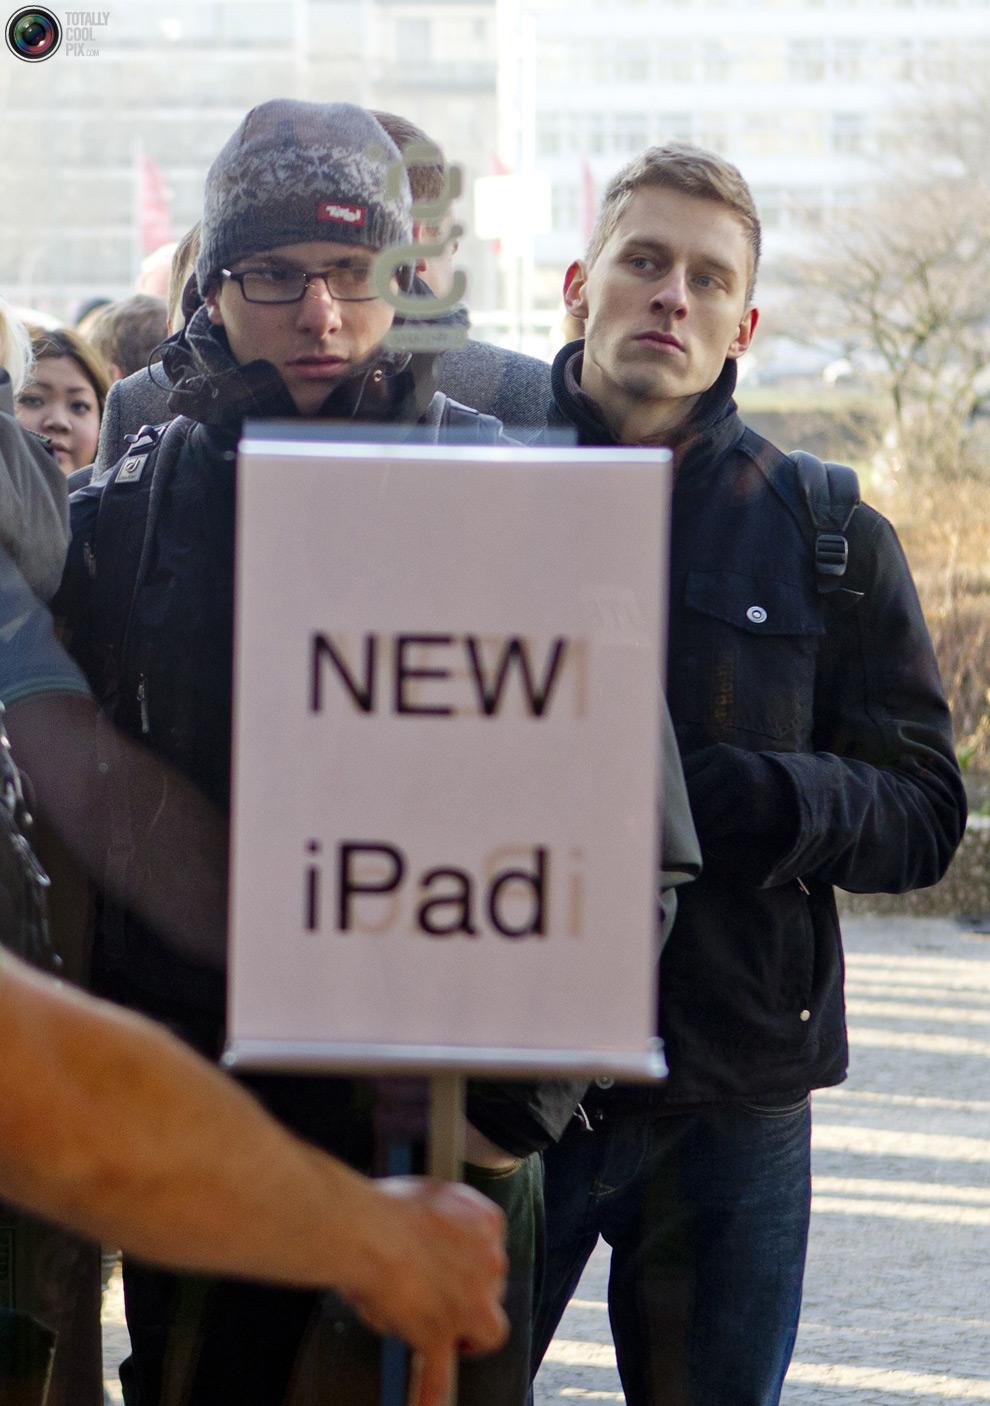 pic 0240 Новый iPad 3 вызвал ажиотаж во всем мире